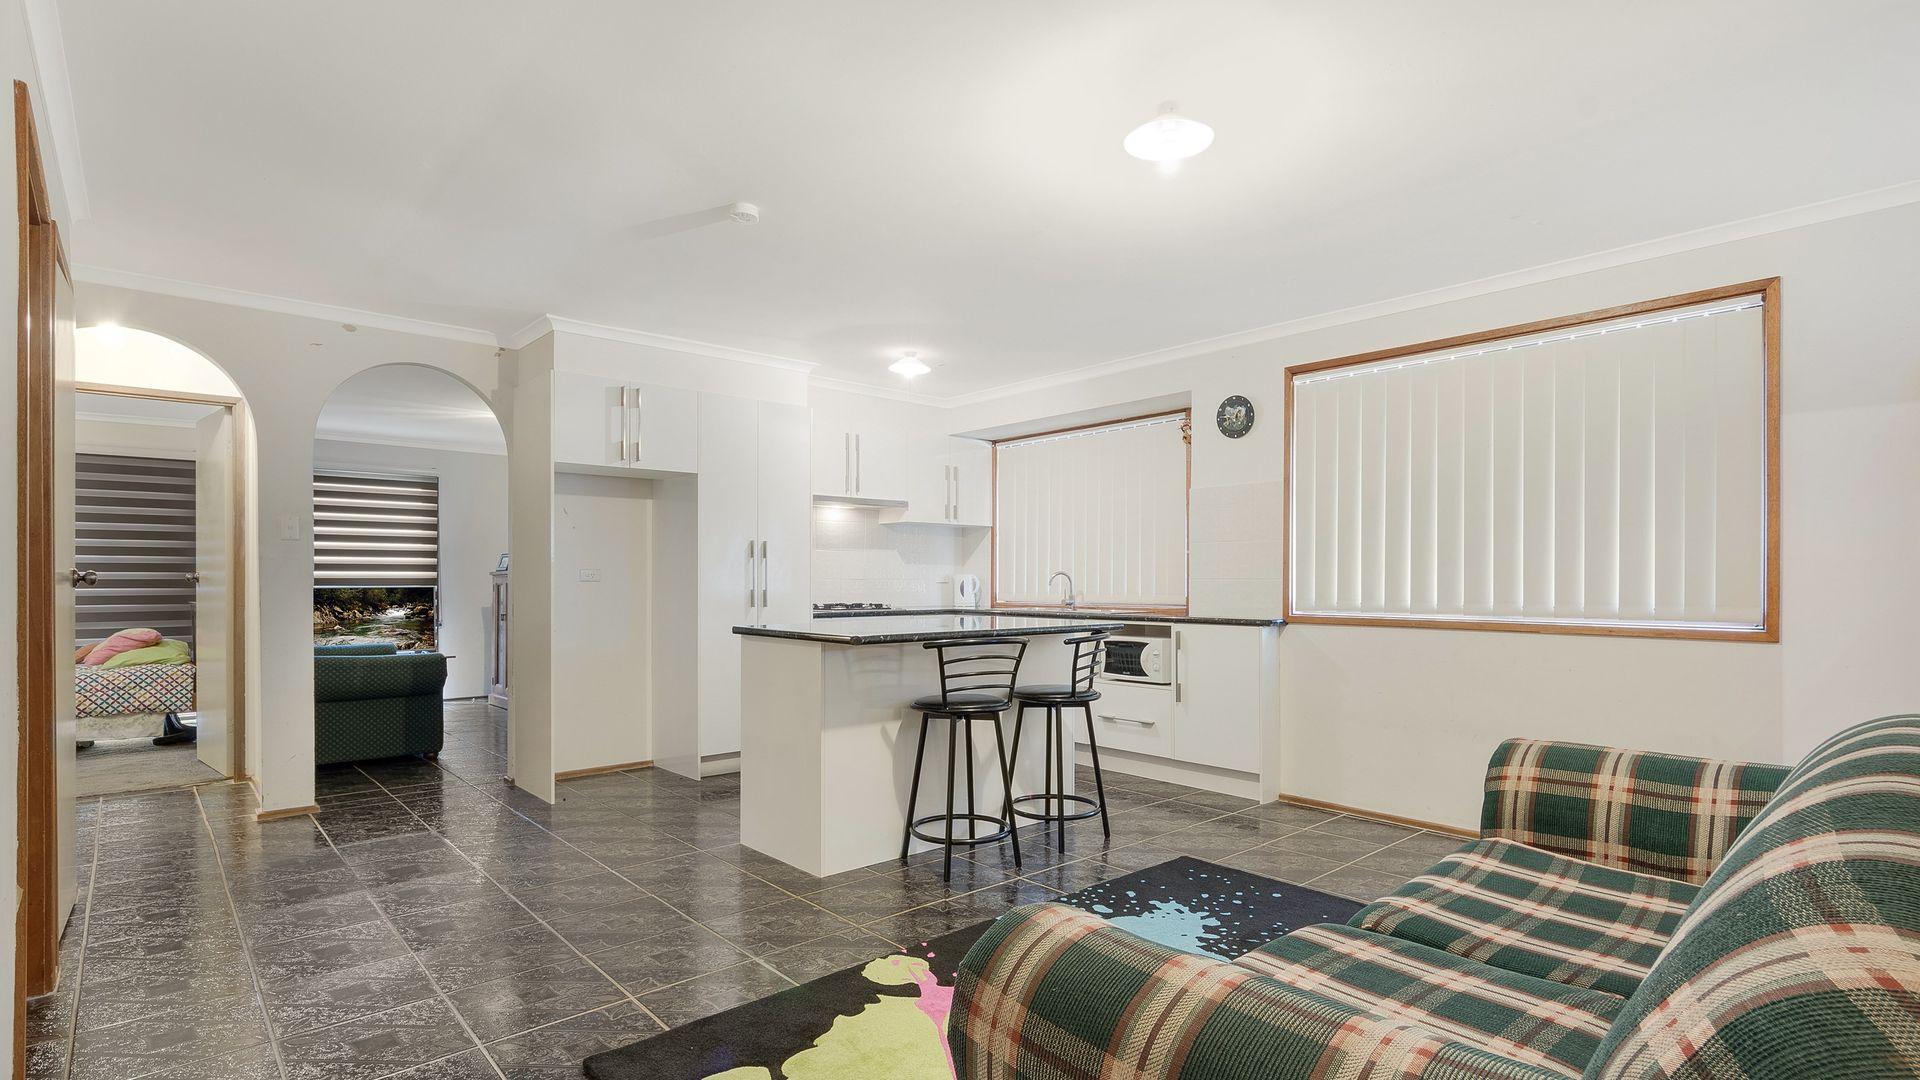 23 cordelia, Rosemeadow NSW 2560, Image 1